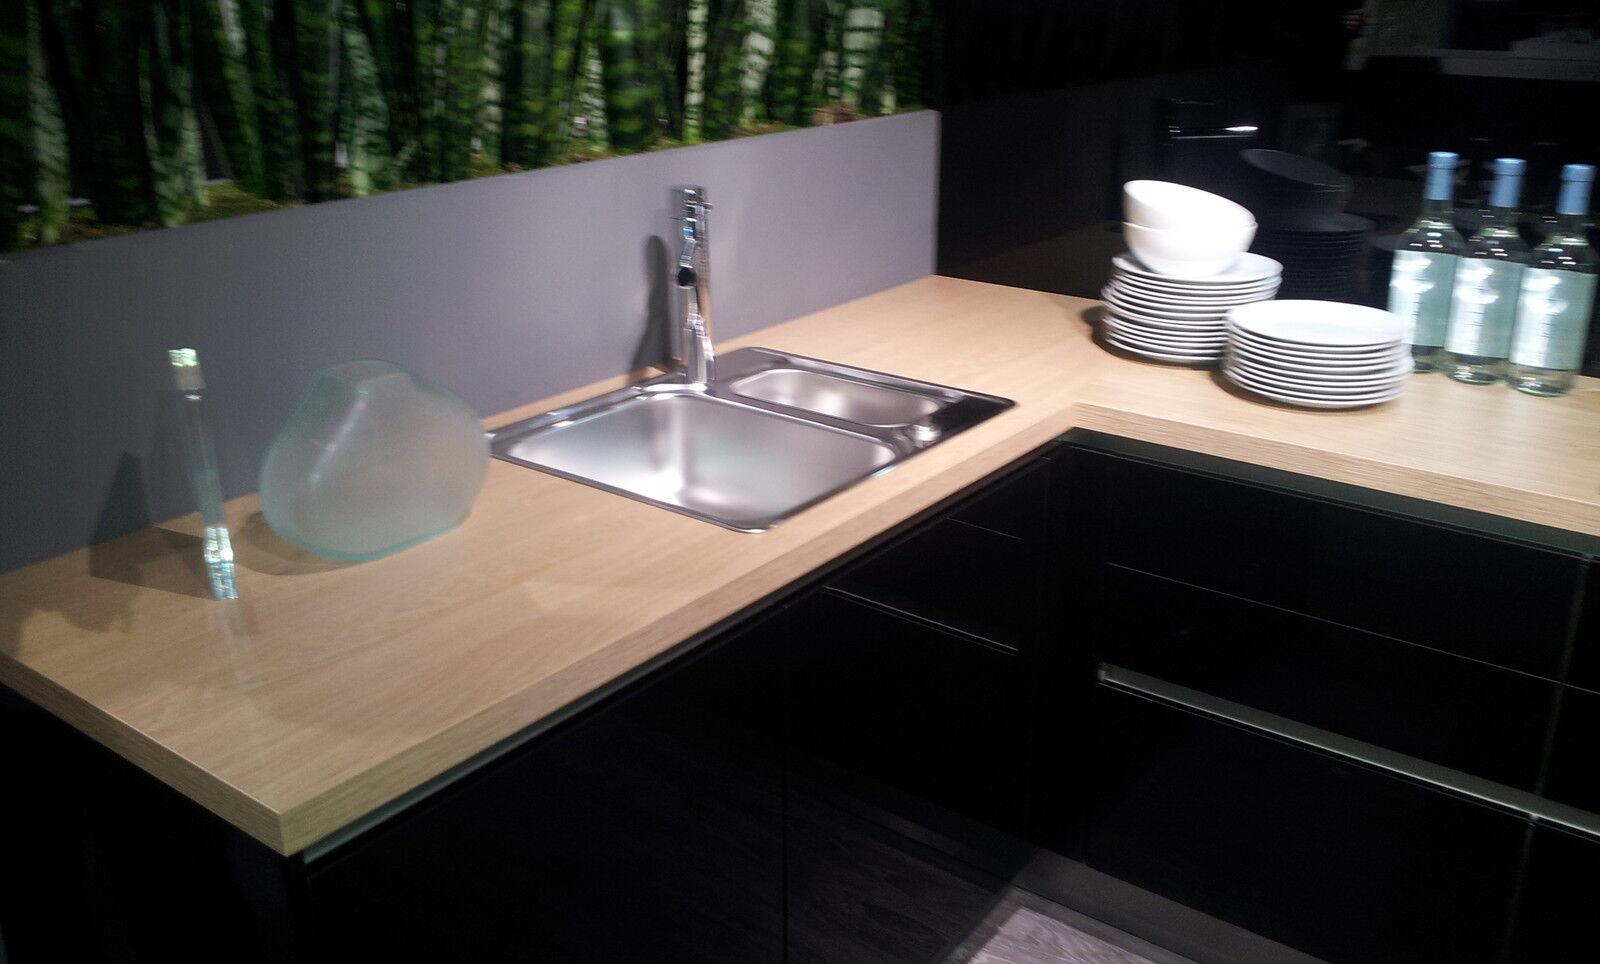 Hochglanz einbaukuche mobel und heimat design inspiration for Einbaukuche